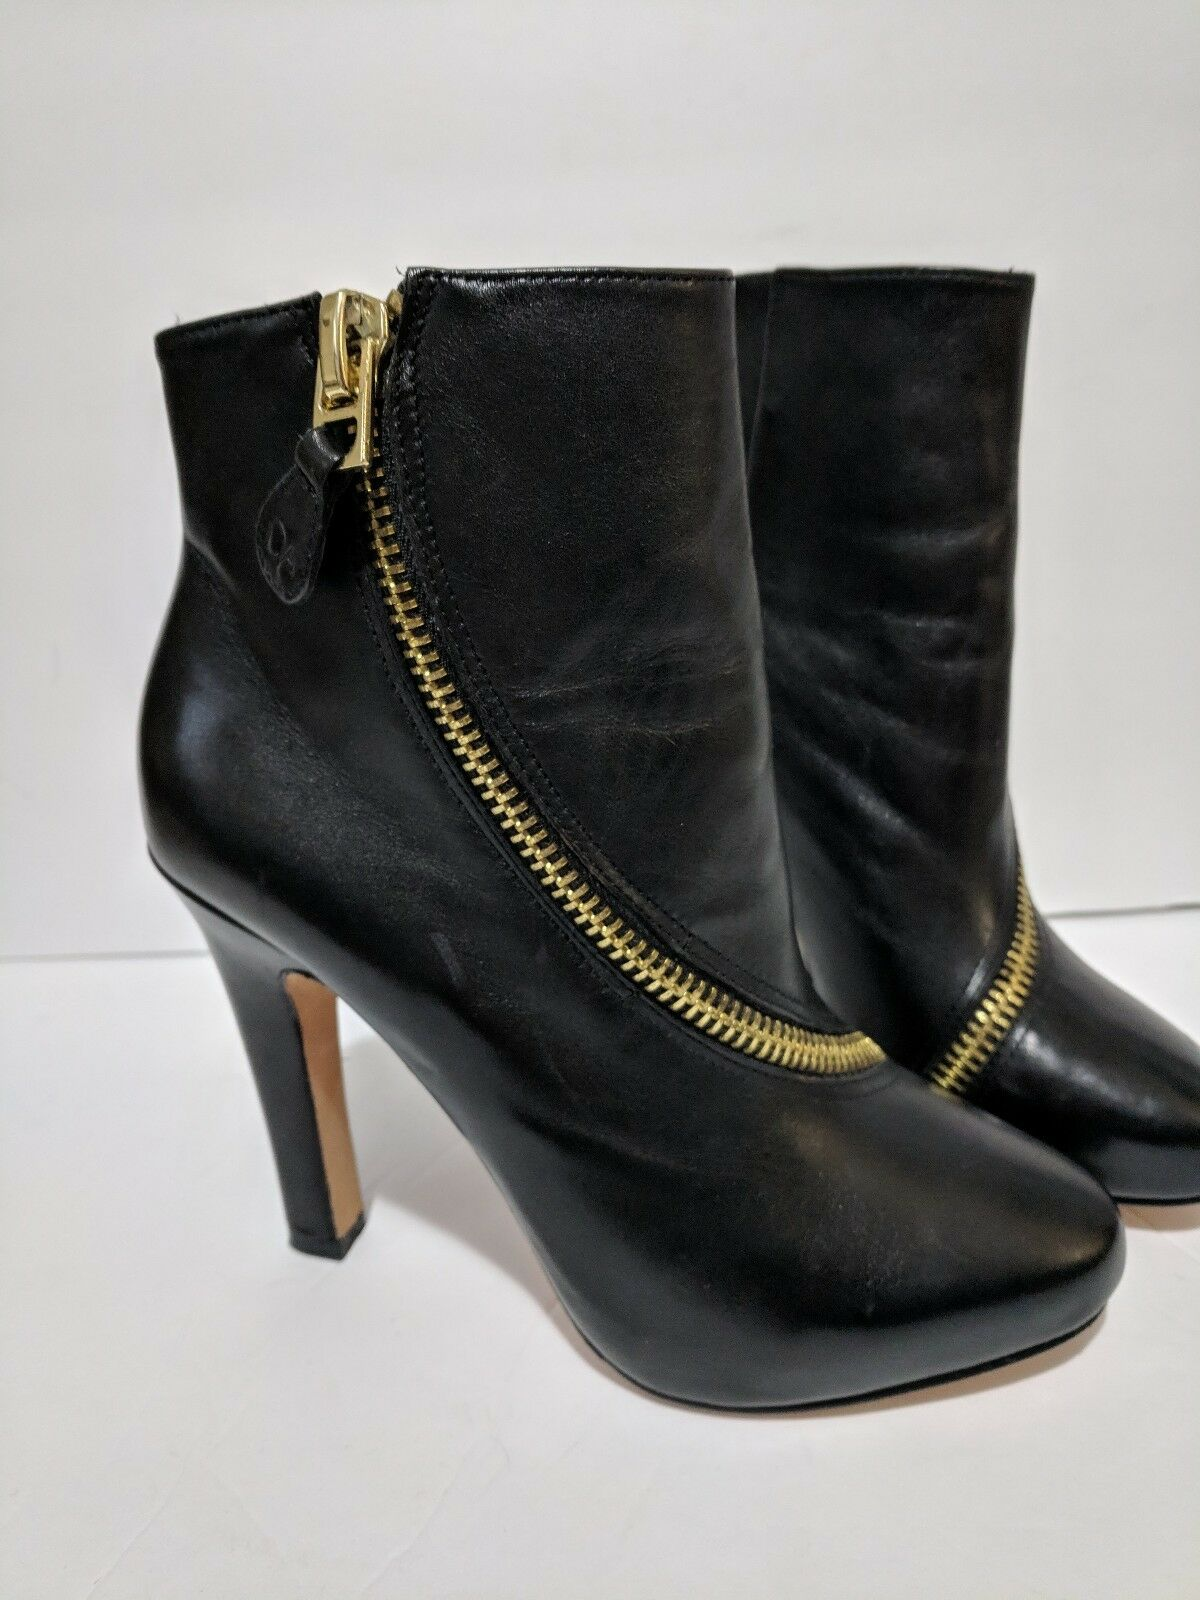 autorizzazione ufficiale DVF DVF DVF Diane Von Furstenberg 5.5 avvioies Candy Zip Trim Leather nero Stacked Heel  fino al 60% di sconto